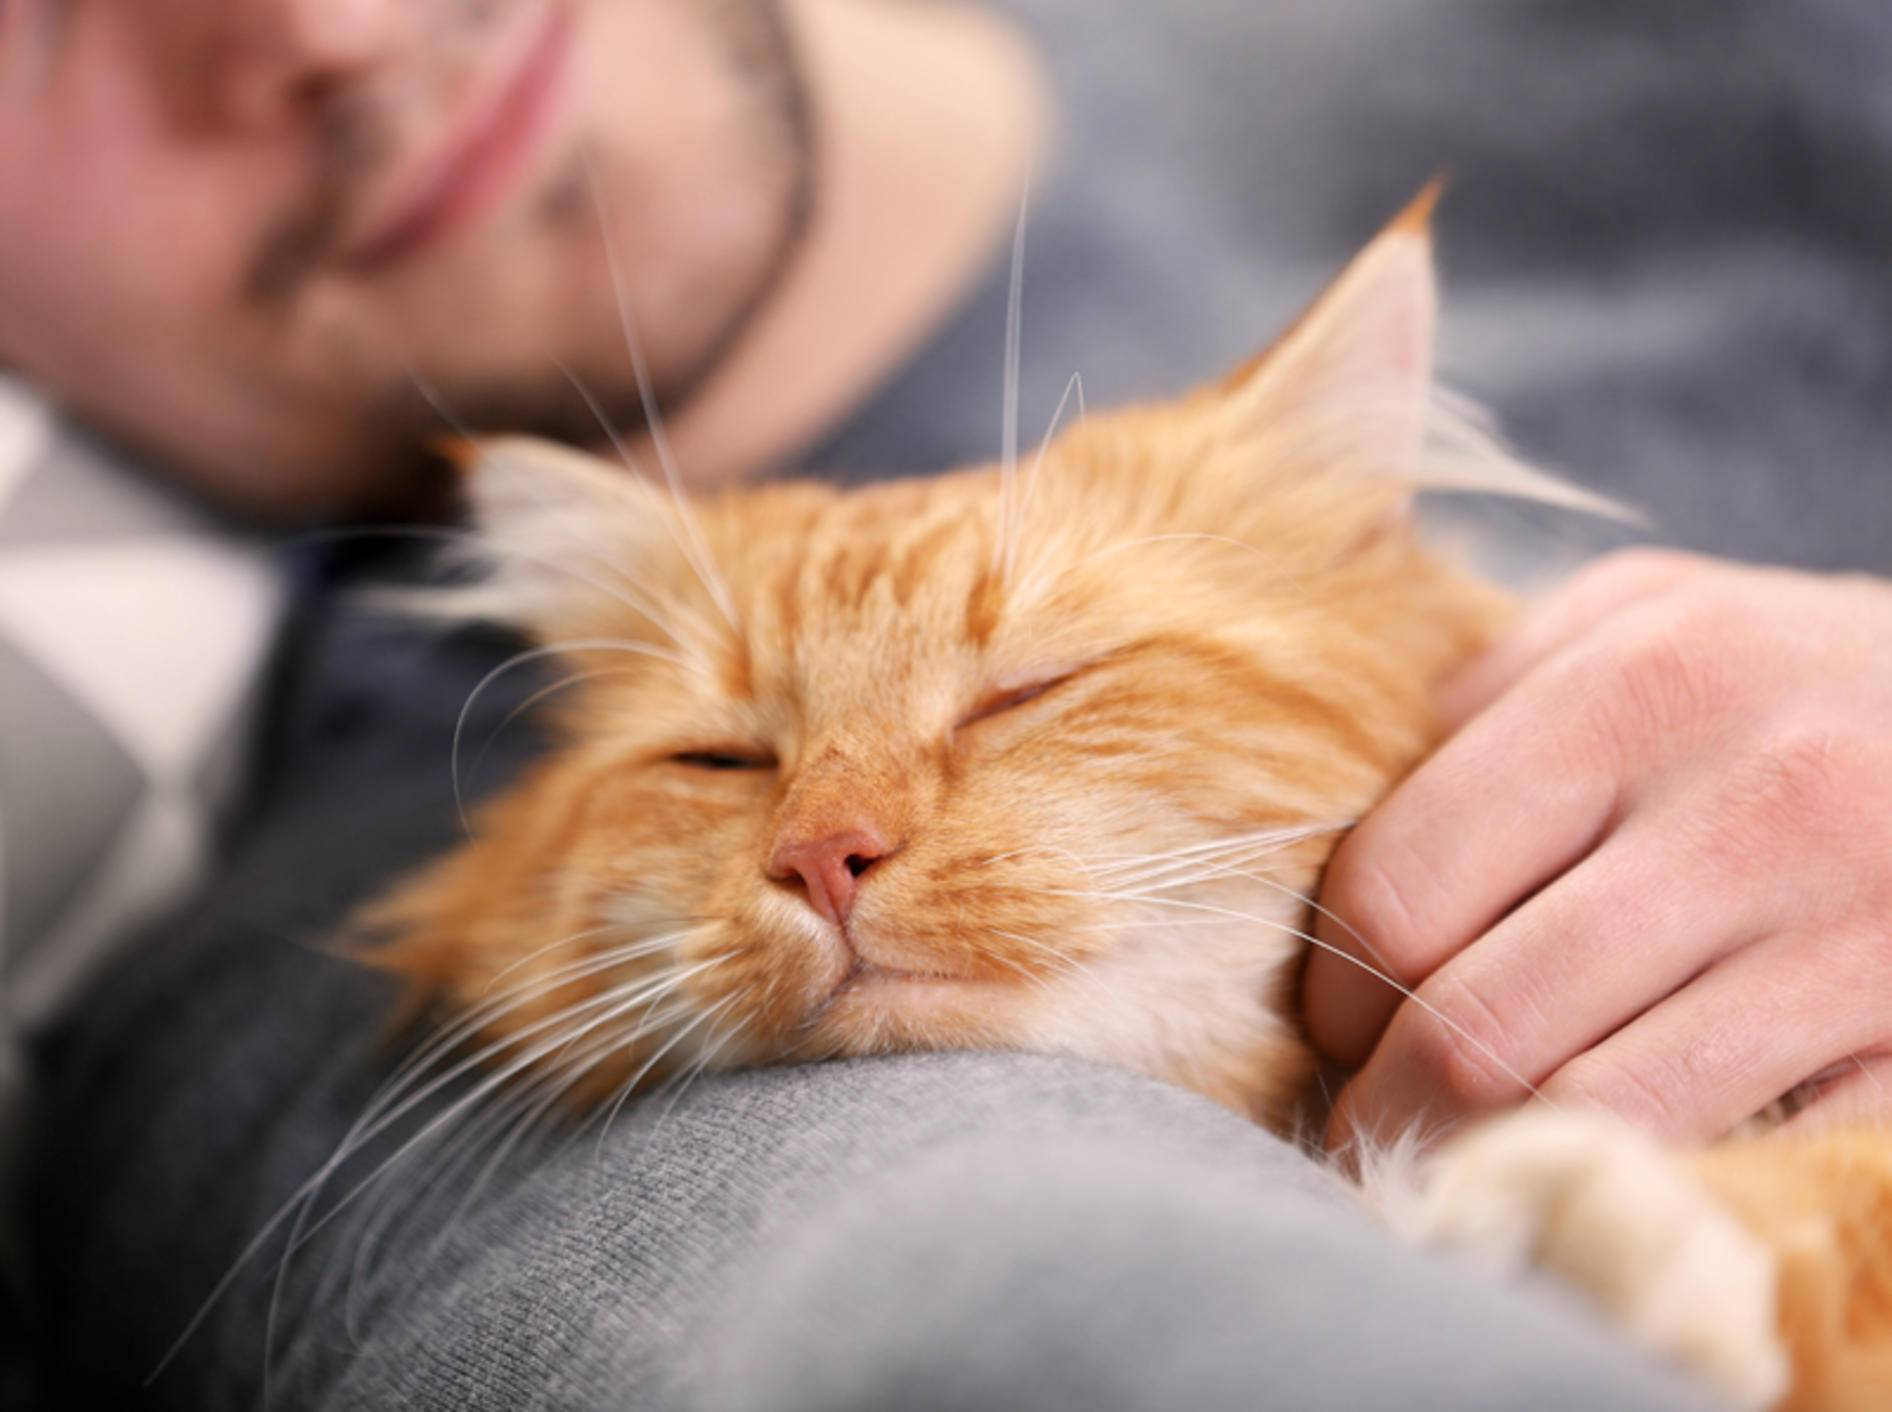 Zählt das, was ein Twitter-User mit seiner Katze erlebt hat, noch zu Kuscheln? - Bild: Shutterstock / Studio Africa